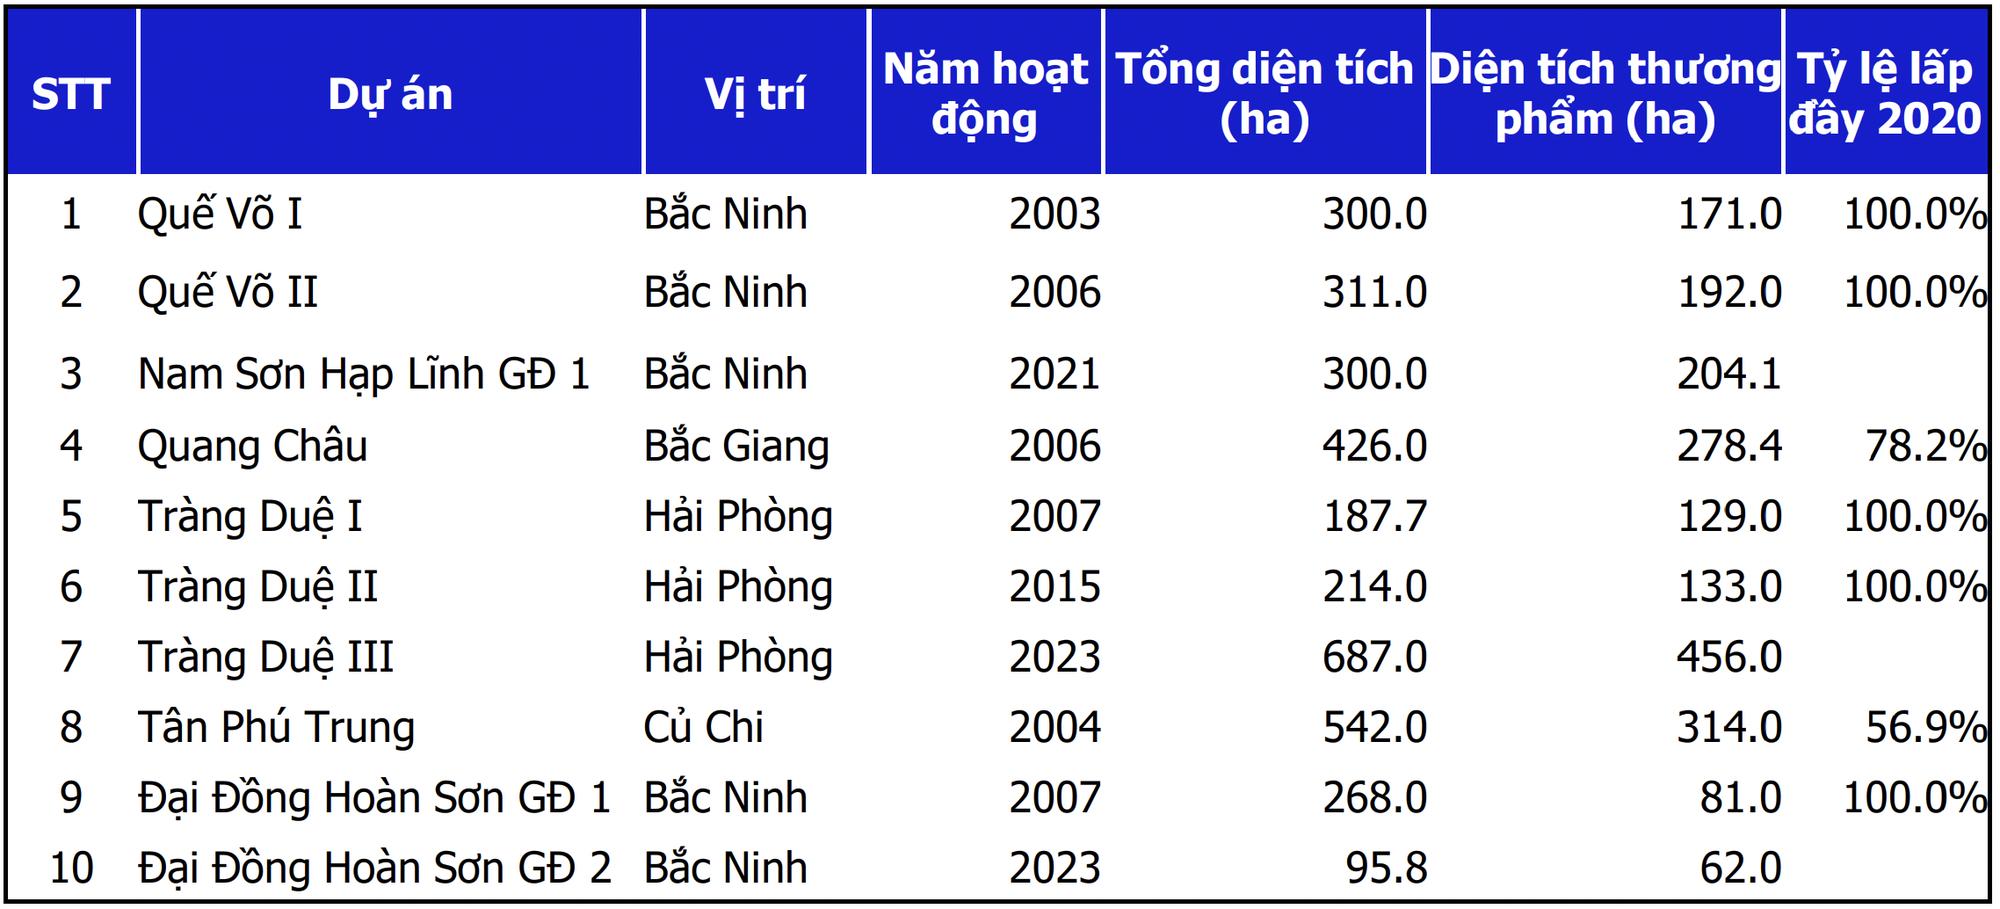 'Trùm' BĐS công nghiệp Kinh Bắc tham vọng mở rộng quỹ đất, có thể thu về 1.800 tỷ mỗi năm nhờ 4 KCN đang triển khai - Ảnh 2.